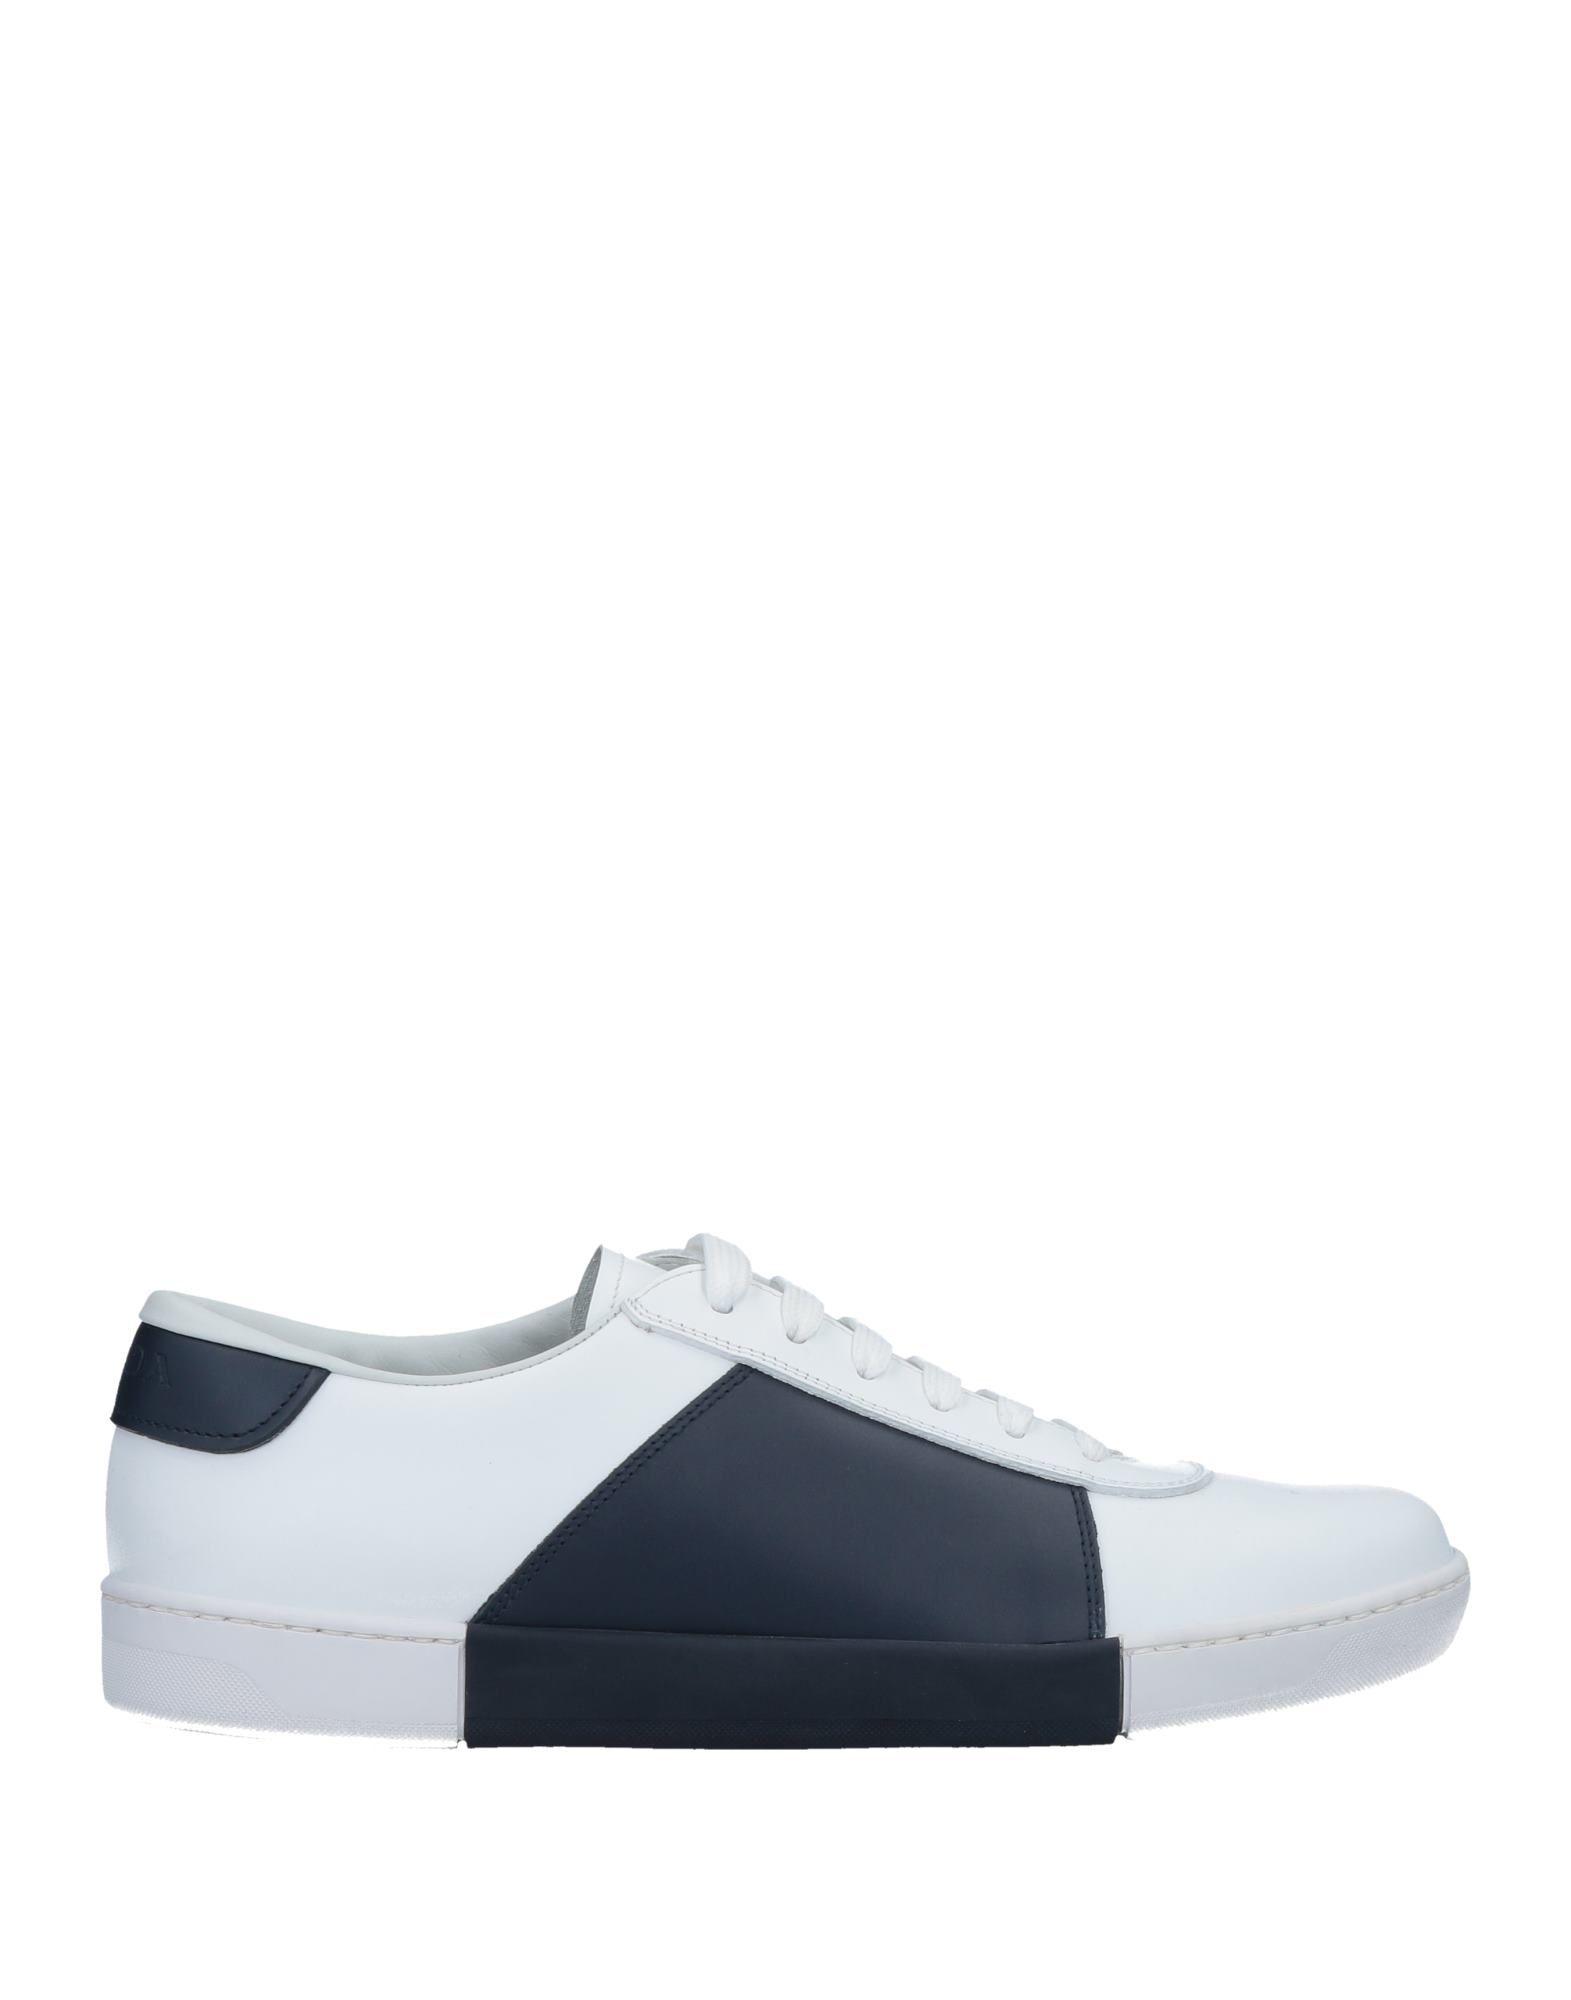 Sneakers Vans Donna - 11376154VW Scarpe economiche e buone